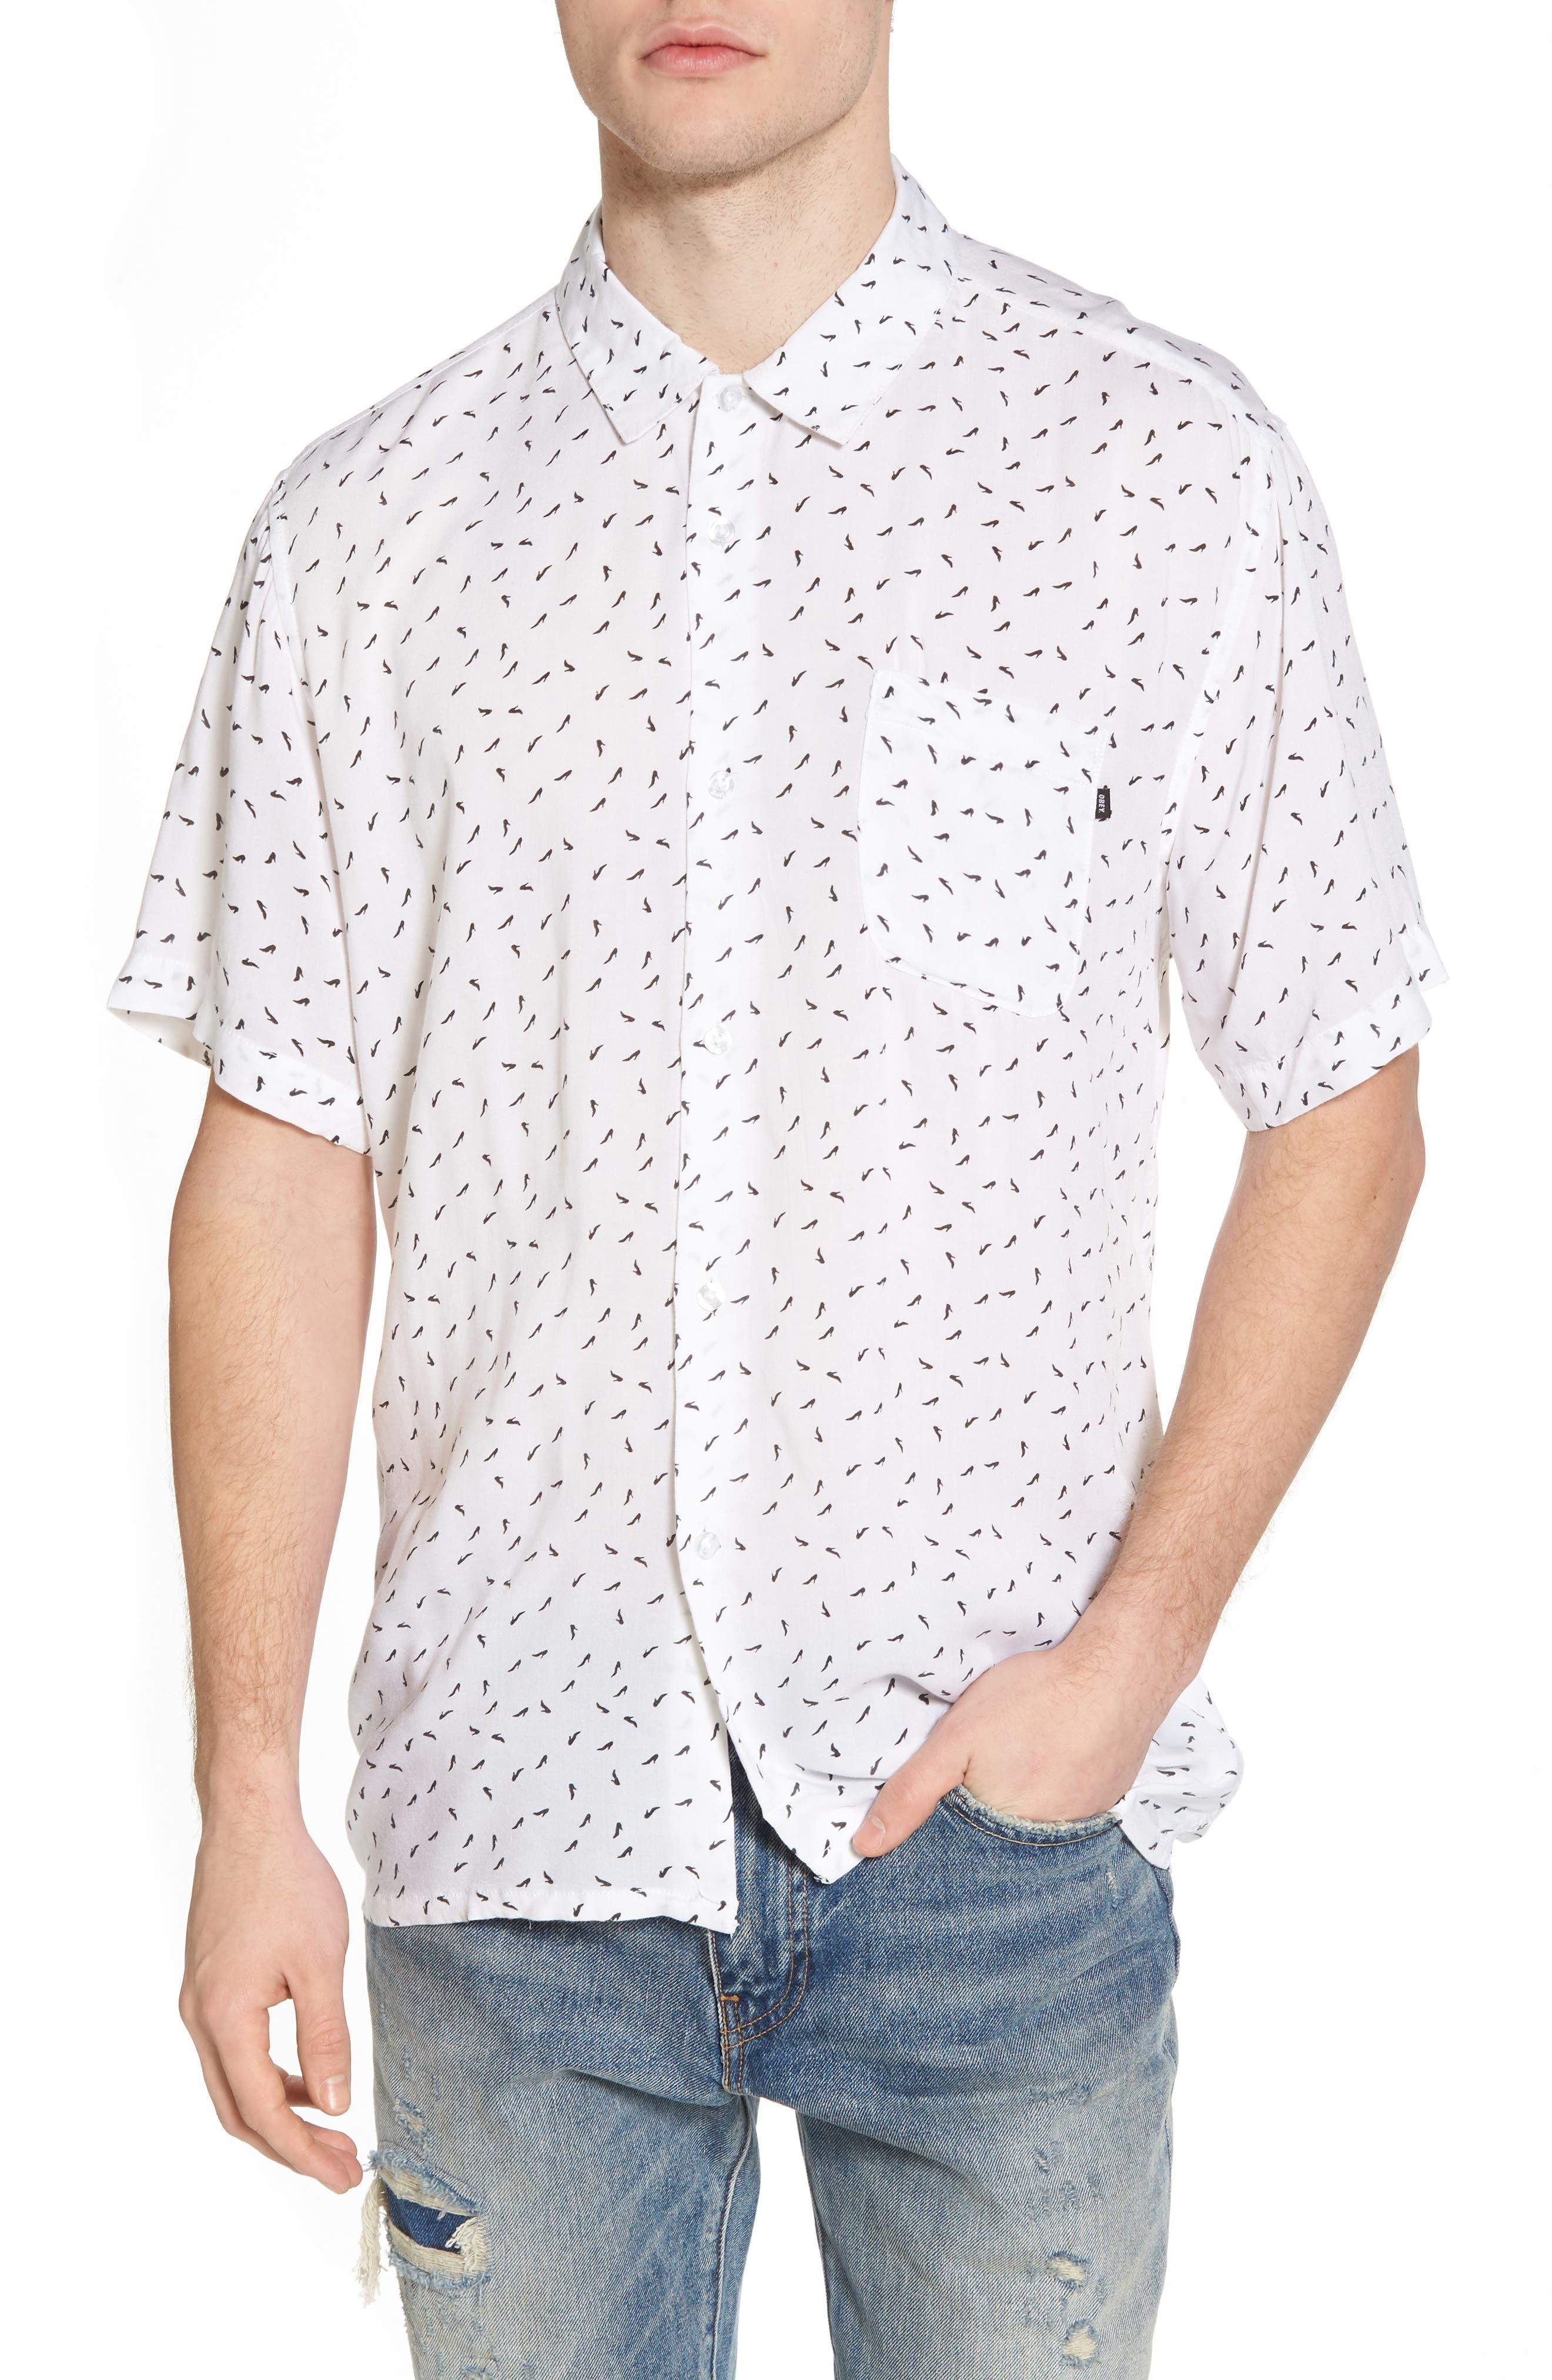 Pumps Short Sleeve Shirt,                             Main thumbnail 1, color,                             102